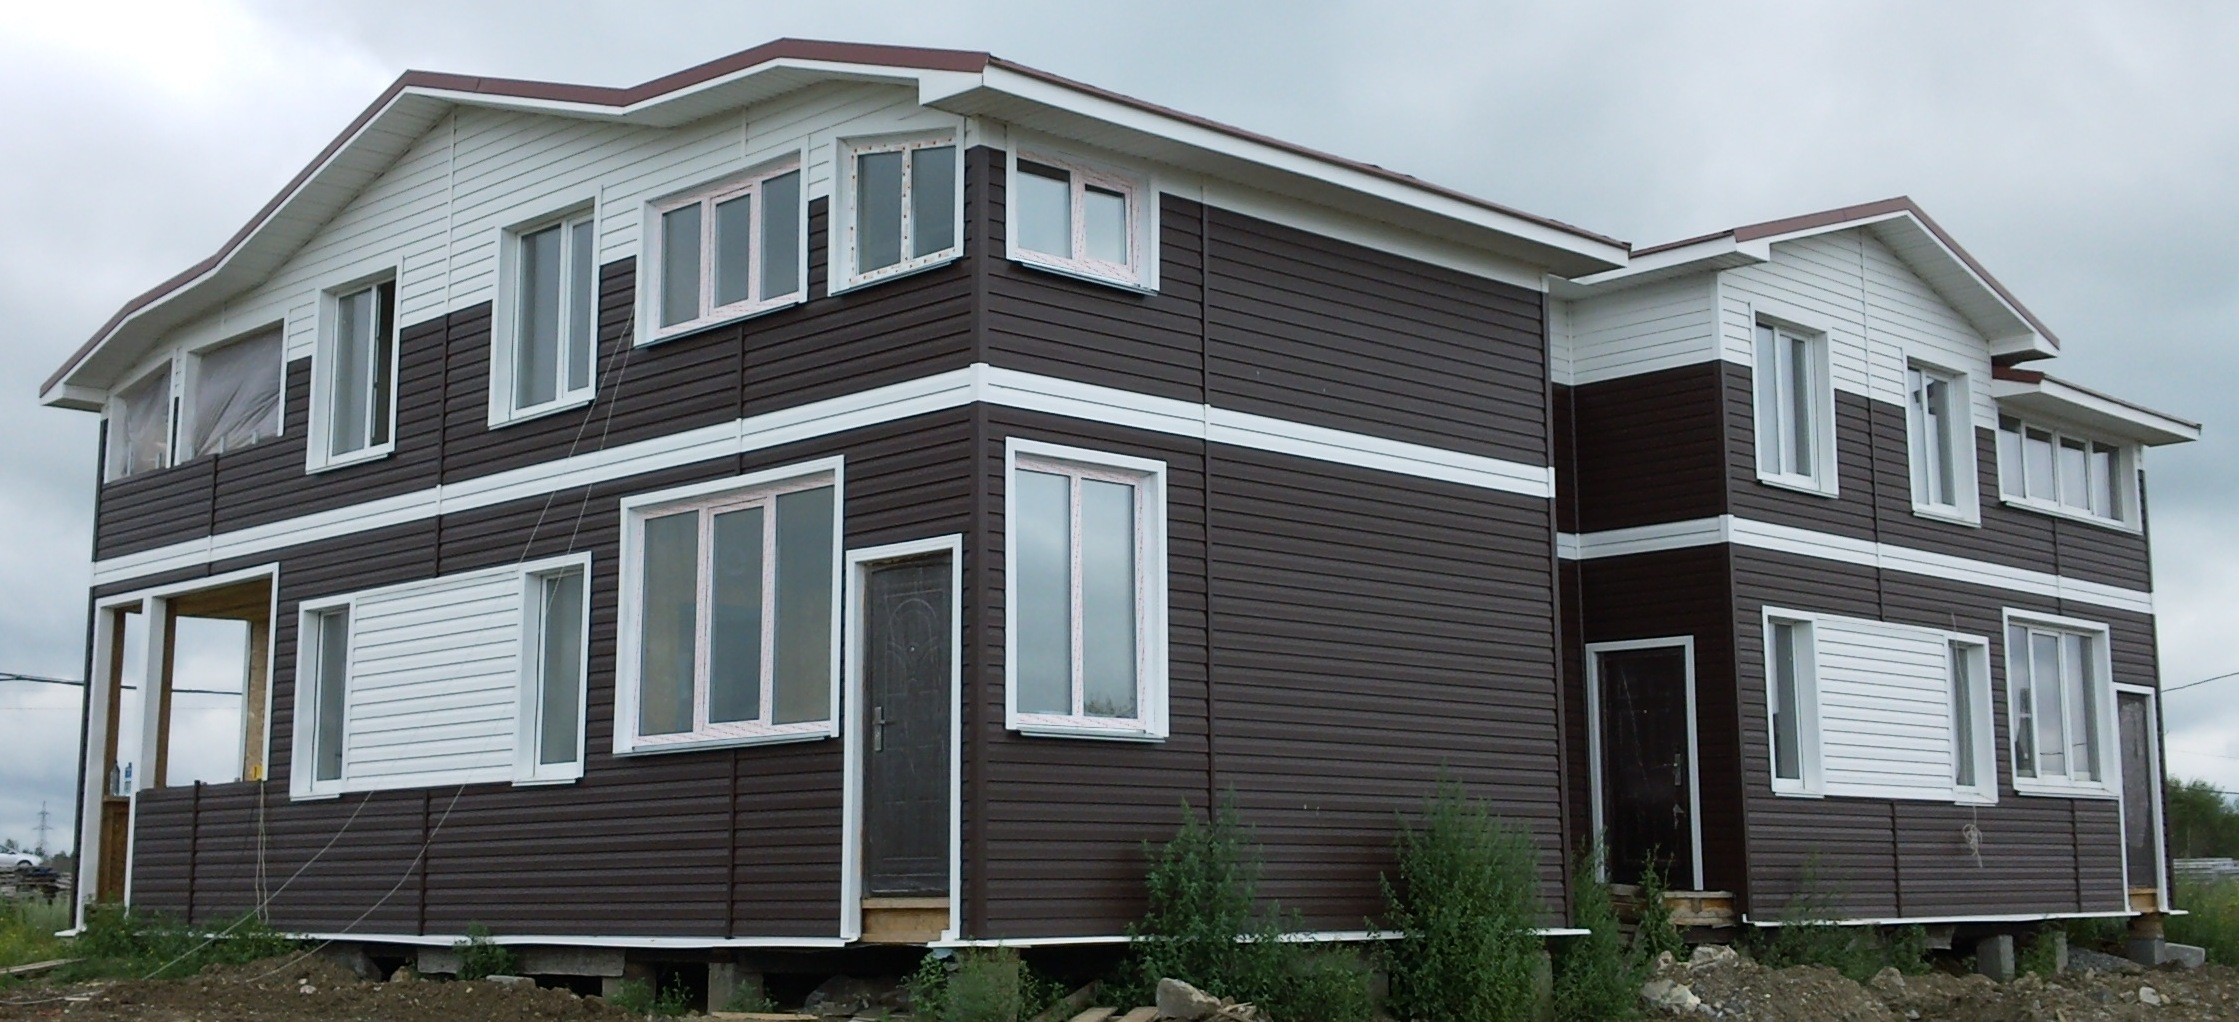 Фасад дома, оформленный металлосайдингом